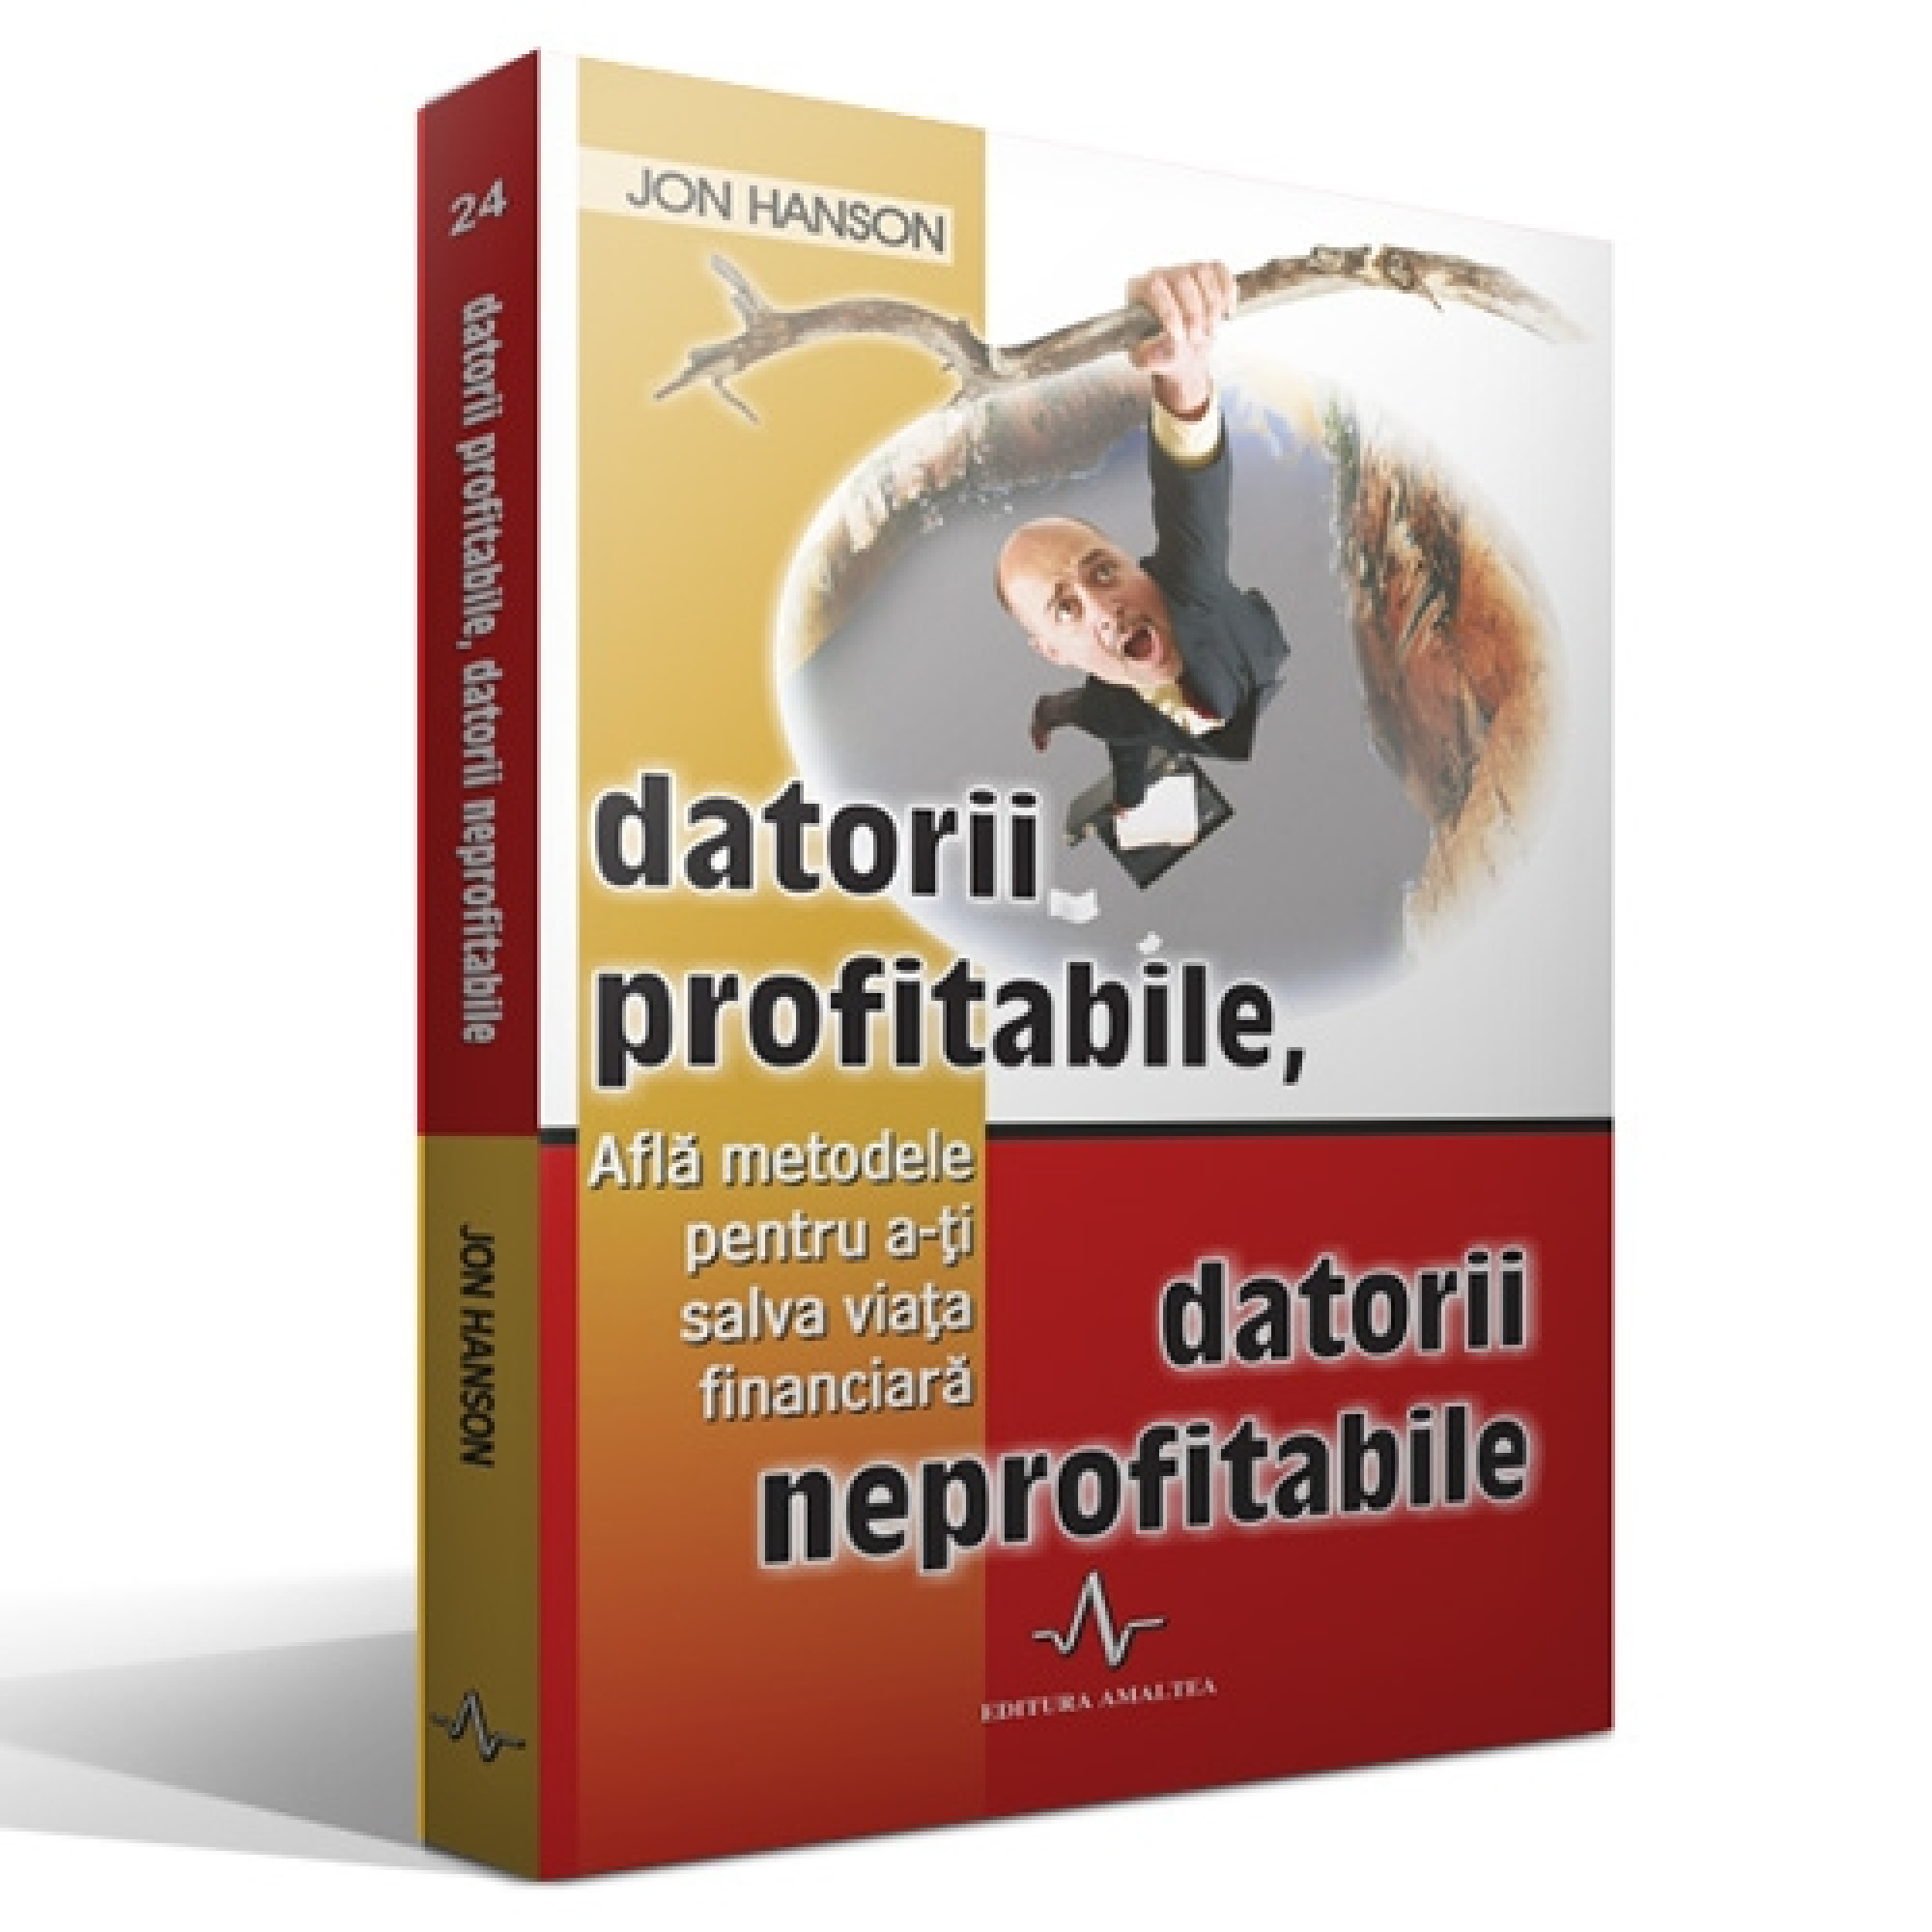 Datorii profitabile, datorii neprofitabile; Jon Hanson